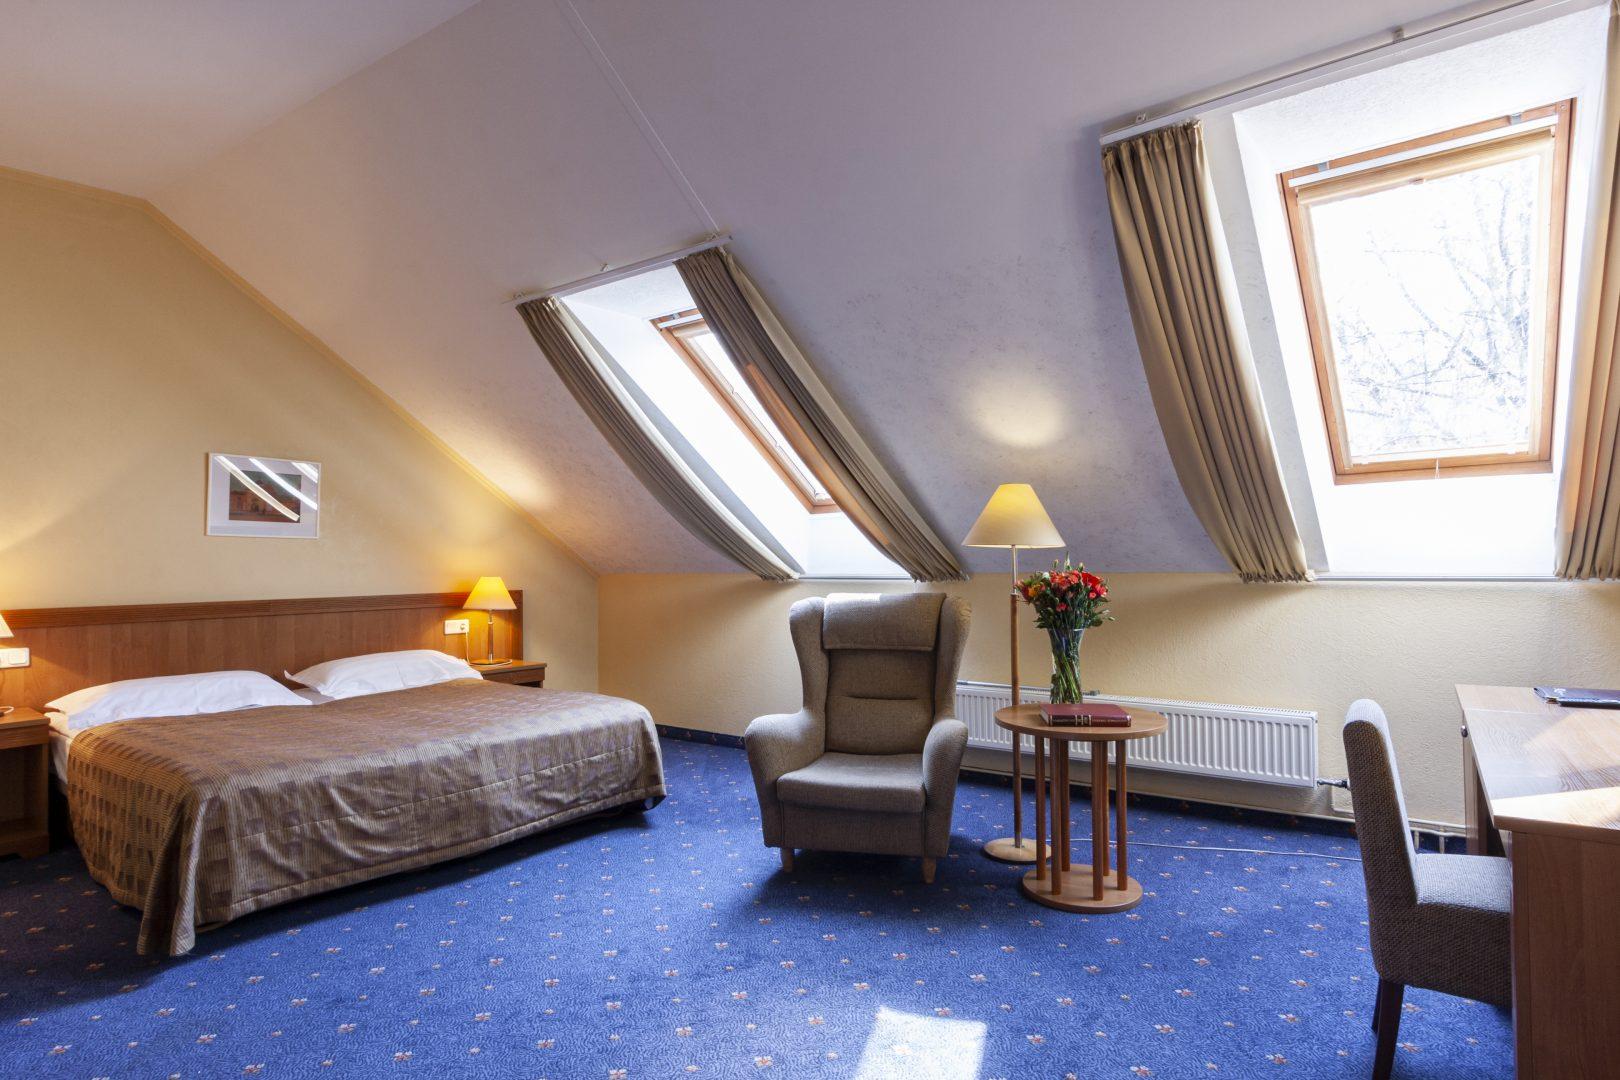 Standartinis kambarys su dvigule lova ir vonia